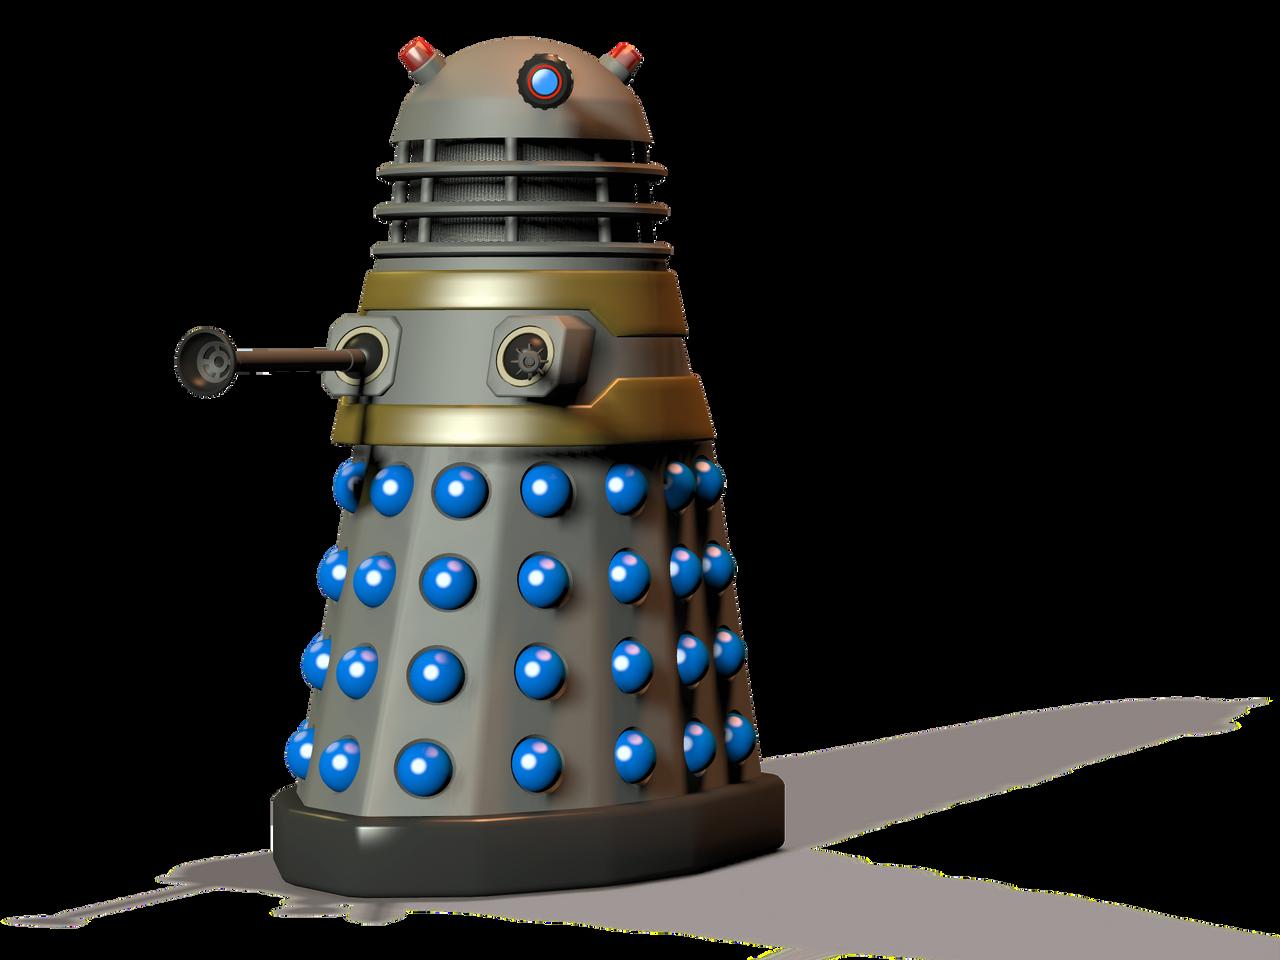 Dalek 1,2 by Cyborgerotica